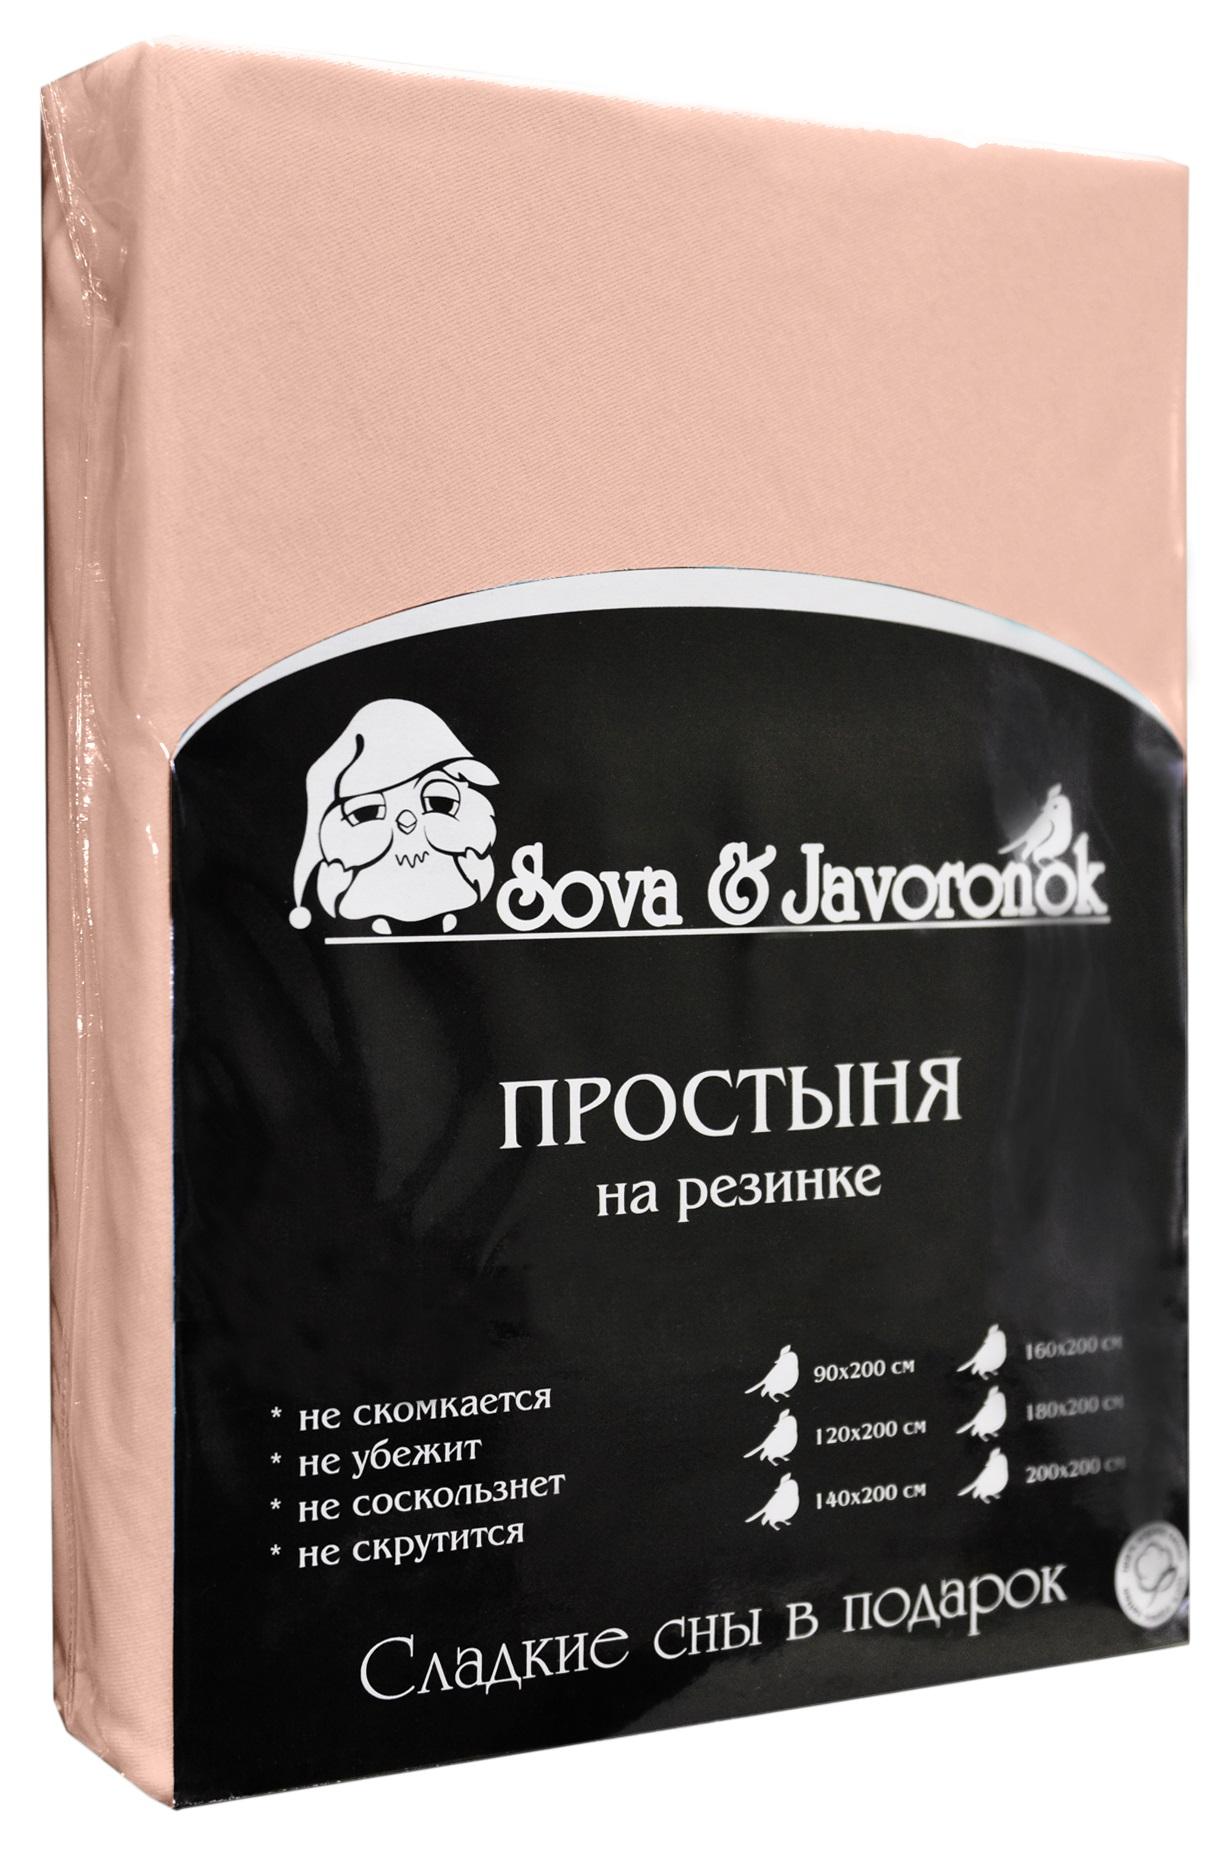 Простыня на резинке Sova & Javoronok, цвет: персиковый, 200 см х 200 смWUB 5647 weisПростыня на резинке Sova & Javoronok, изготовленная из трикотажной ткани (100% хлопок), будет превосходно смотреться с любыми комплектами белья. Хлопчатобумажный трикотаж по праву считается одним из самых качественных, прочных и при этом приятных на ощупь. Его гигиеничность позволяет использовать простыню и в детских комнатах, к тому же 100%-ый хлопок в составе ткани не вызовет аллергии. У трикотажного полотна очень интересная структура, немного рыхлая за счет отсутствия плотного переплетения нитей и наличия особых петель, благодаря этому простыня Сова и Жаворонок отлично пропускает воздух и способствует его постоянной циркуляции. Поэтому ваша постель будет всегда оставаться свежей. Но главное и, пожалуй, самое известное свойство трикотажа - это его великолепная растяжимость, поэтому эта ткань и была выбрана для натяжной простыни на резинке.Простыня прошита резинкой по всему периметру, что обеспечивает более комфортный отдых, так как она прочно удерживается на матрасе и избавляет от необходимости часто поправлять простыню.